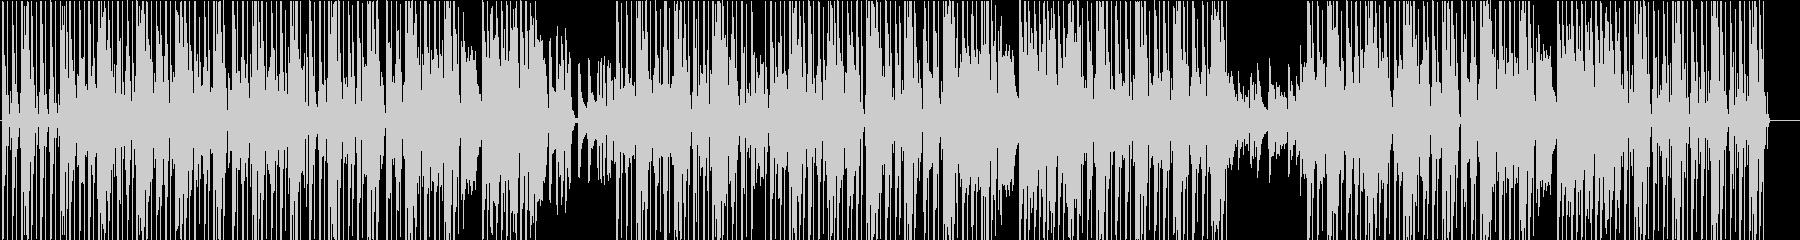 ブルーボーイの場合 パート3の未再生の波形